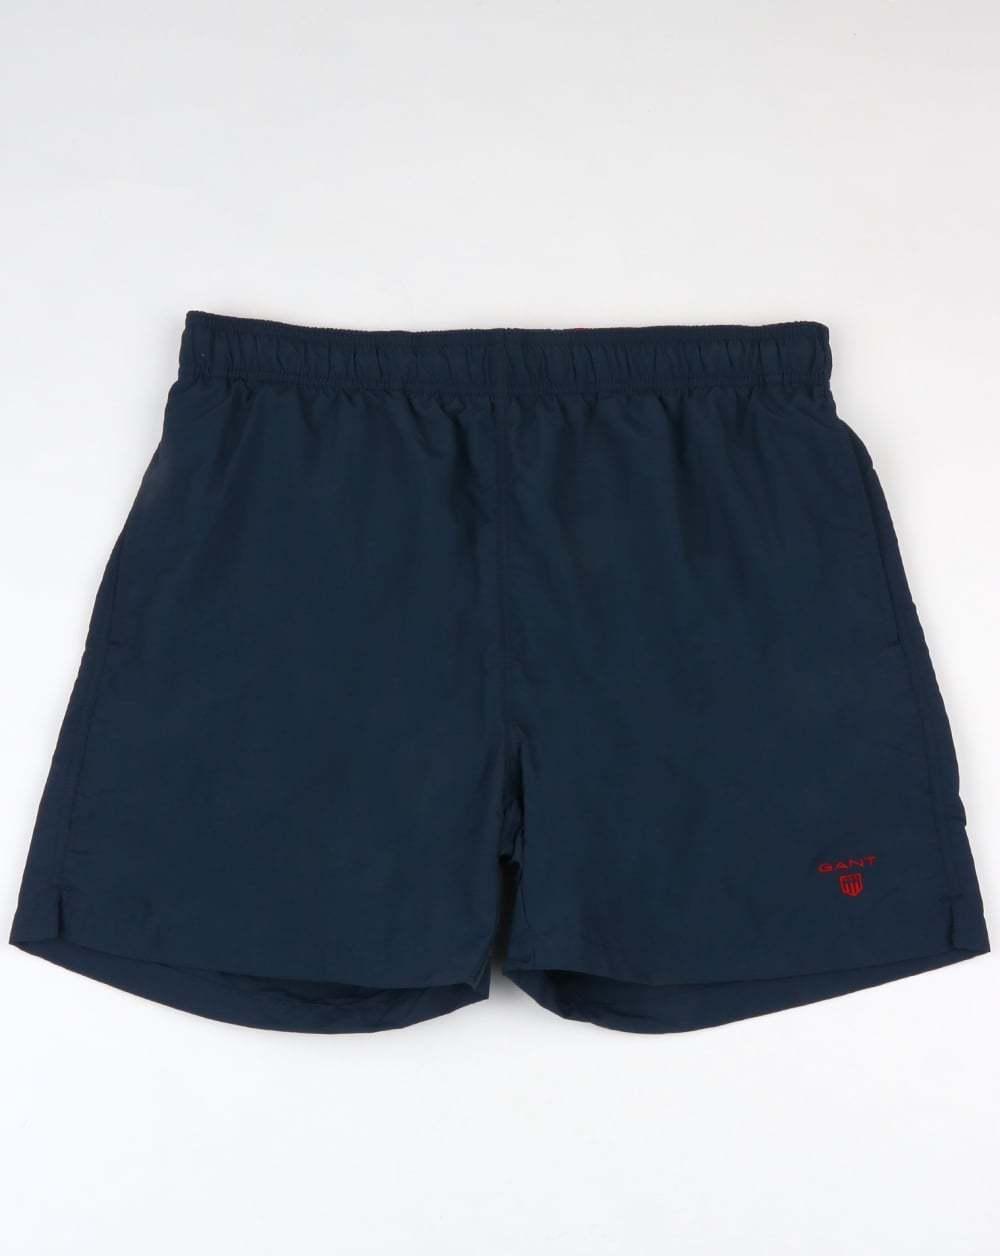 GANT GANT Basic Swim Pantaloncini in Navy blu-nuotatori, Pantaloncini da da da Spiaggia ef41a5